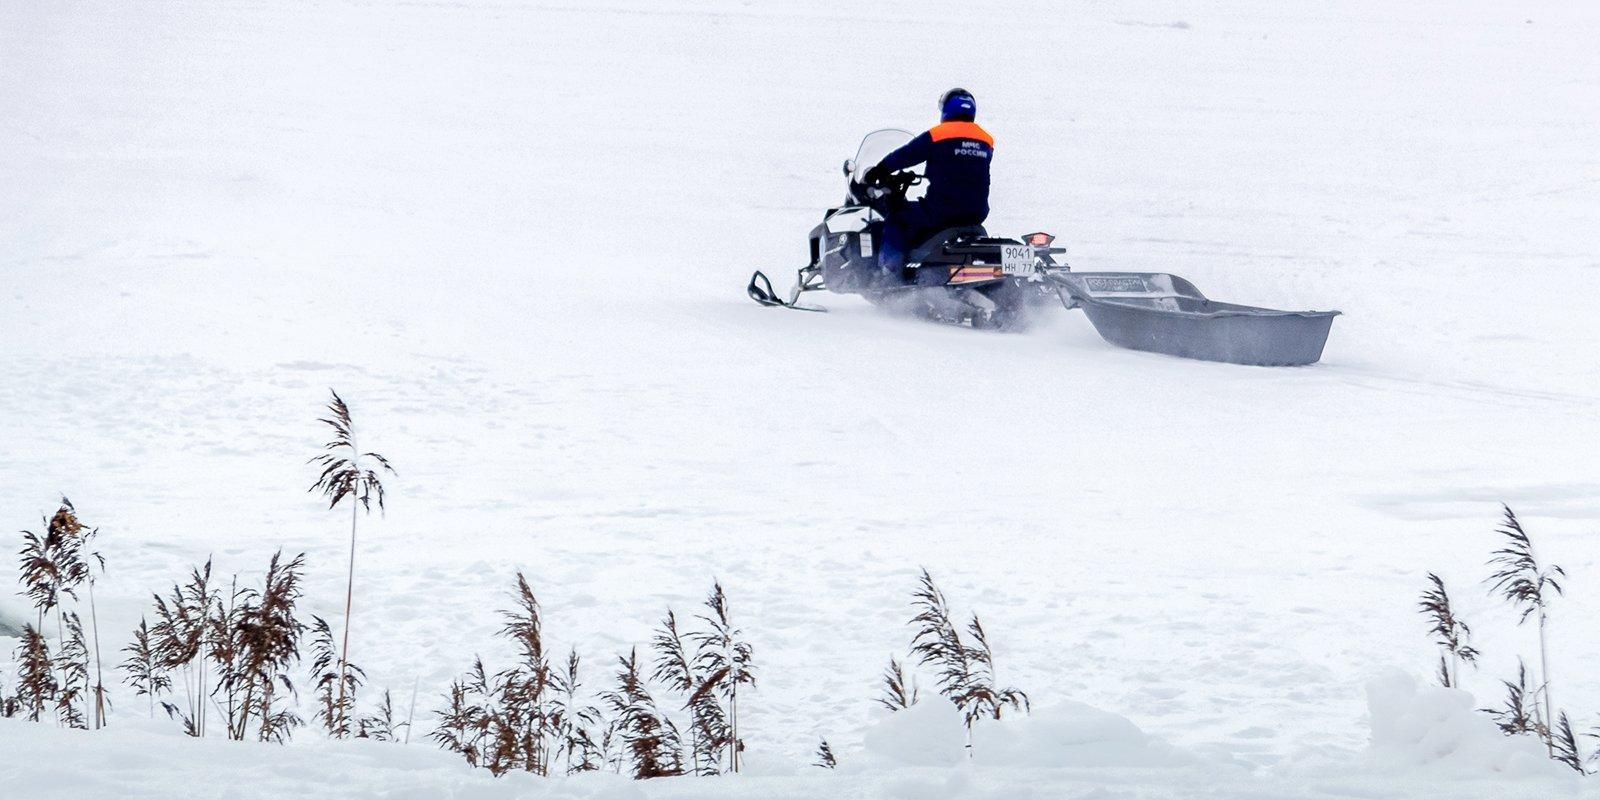 Места зимней рыбалки будут патрулировать на снегоходах